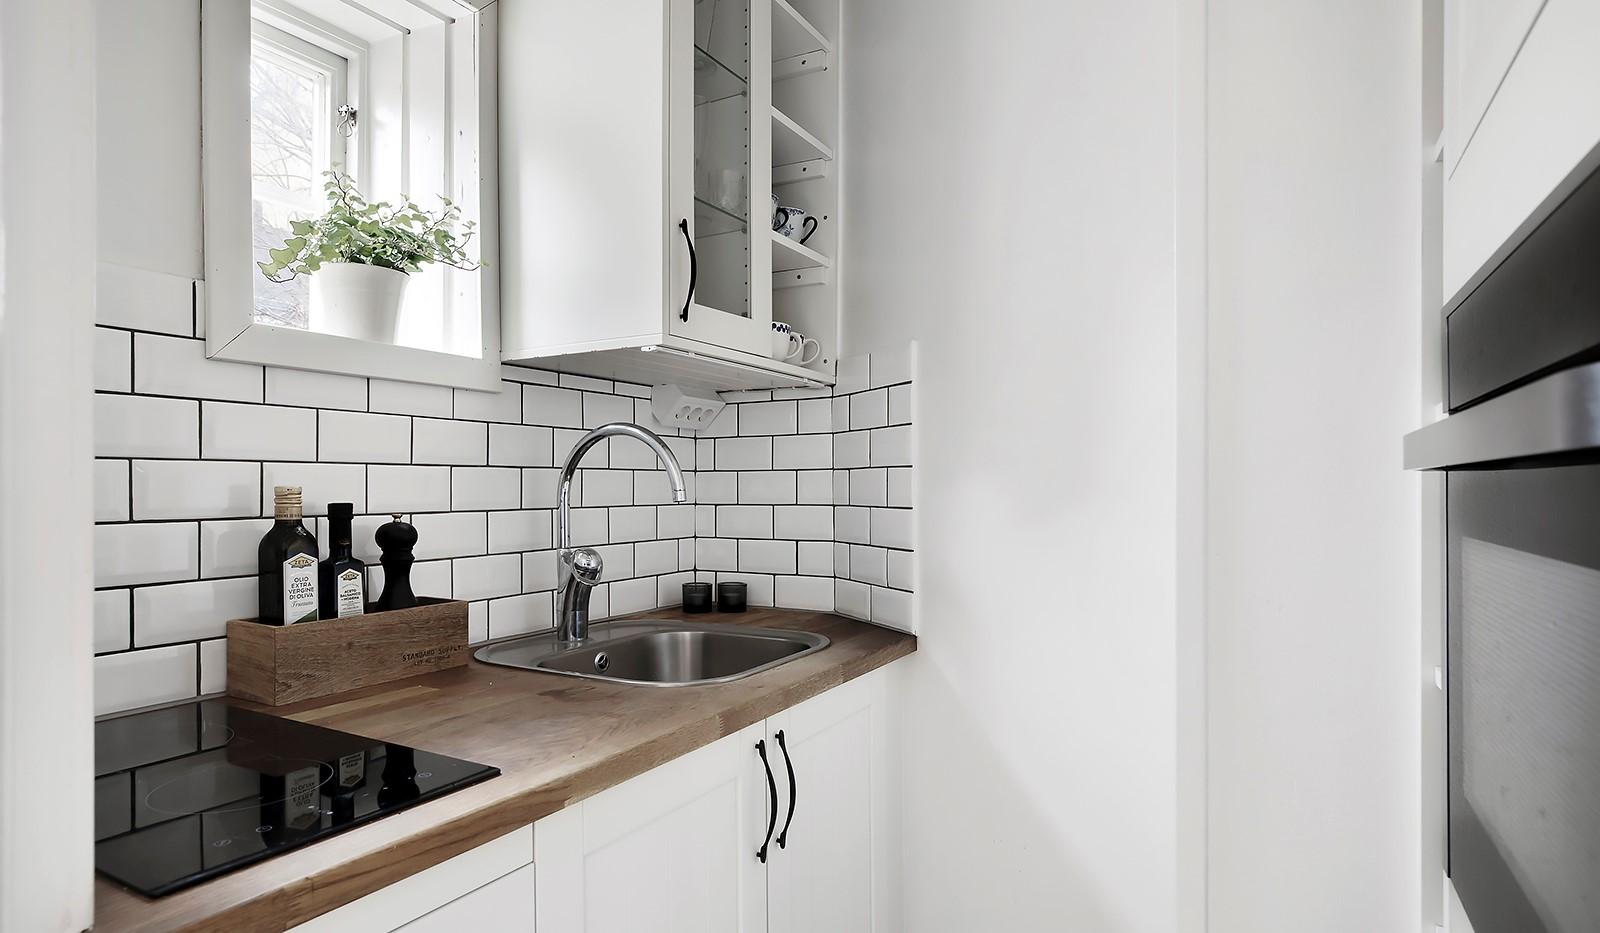 Högalidsgatan 36C, 3tr, ö.g. - Effektiv kokvrå med smygfönster, renoverat 2016